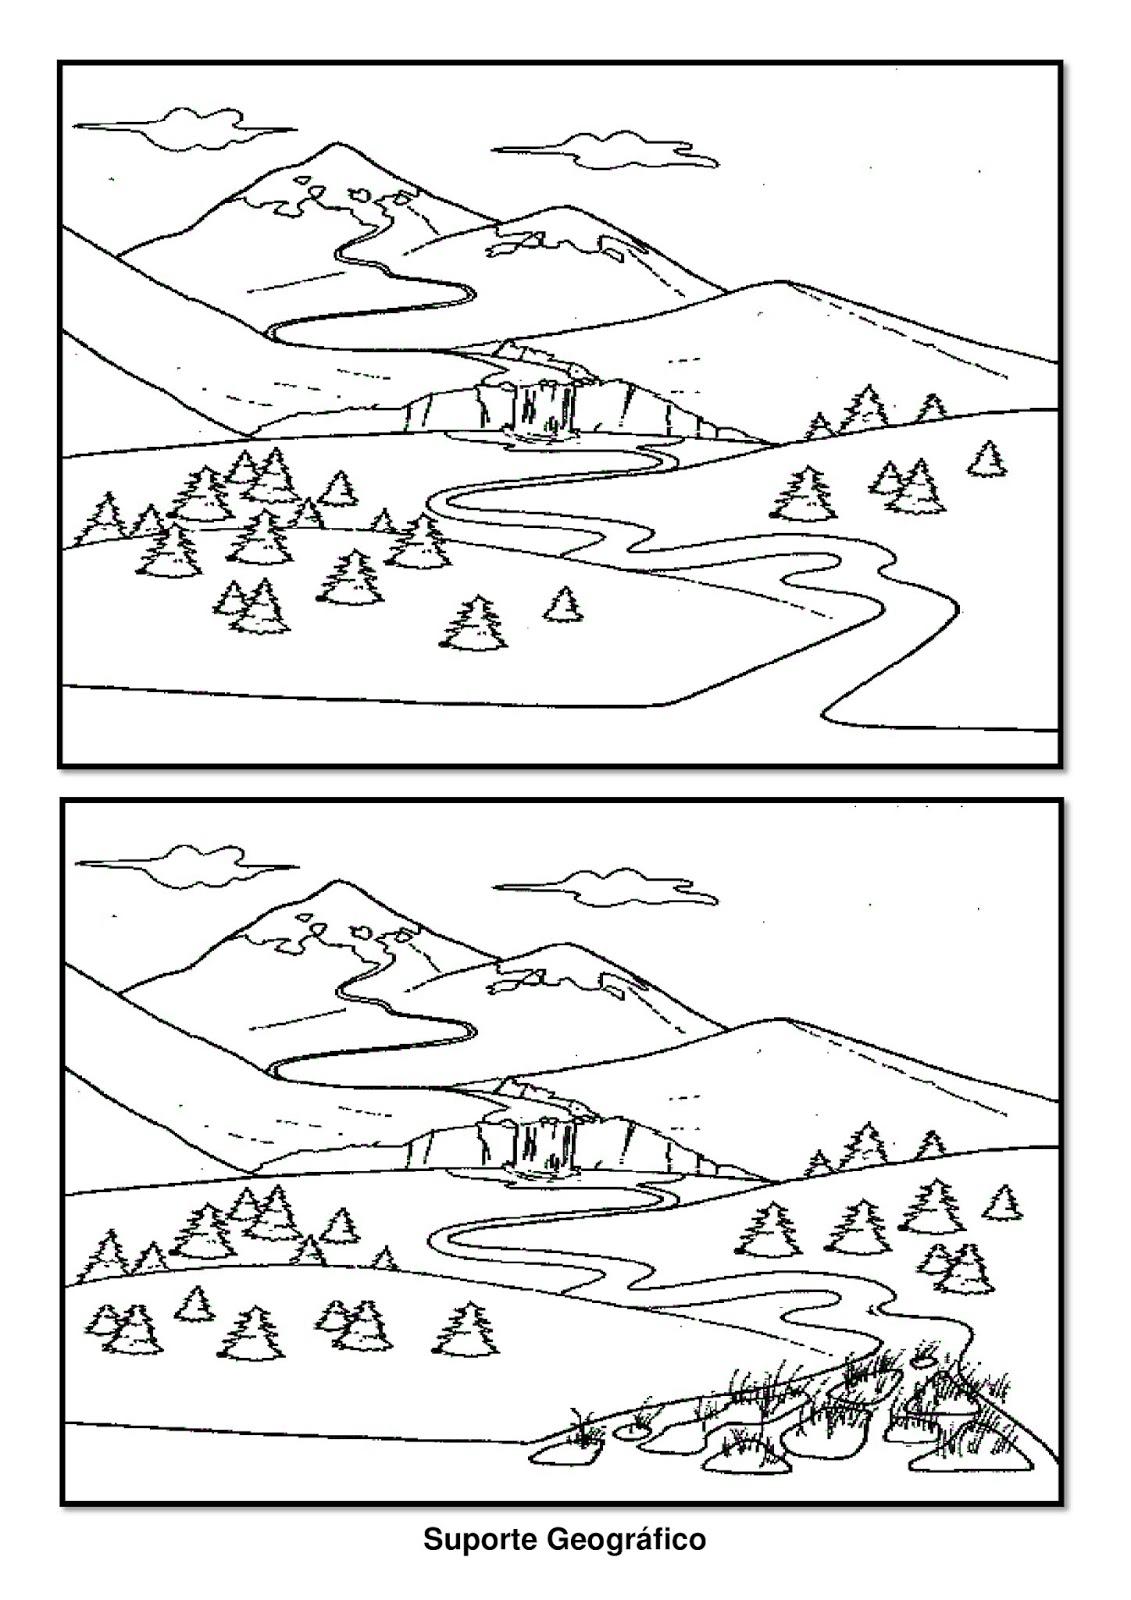 desenho de rio para colorir suporte geográfico